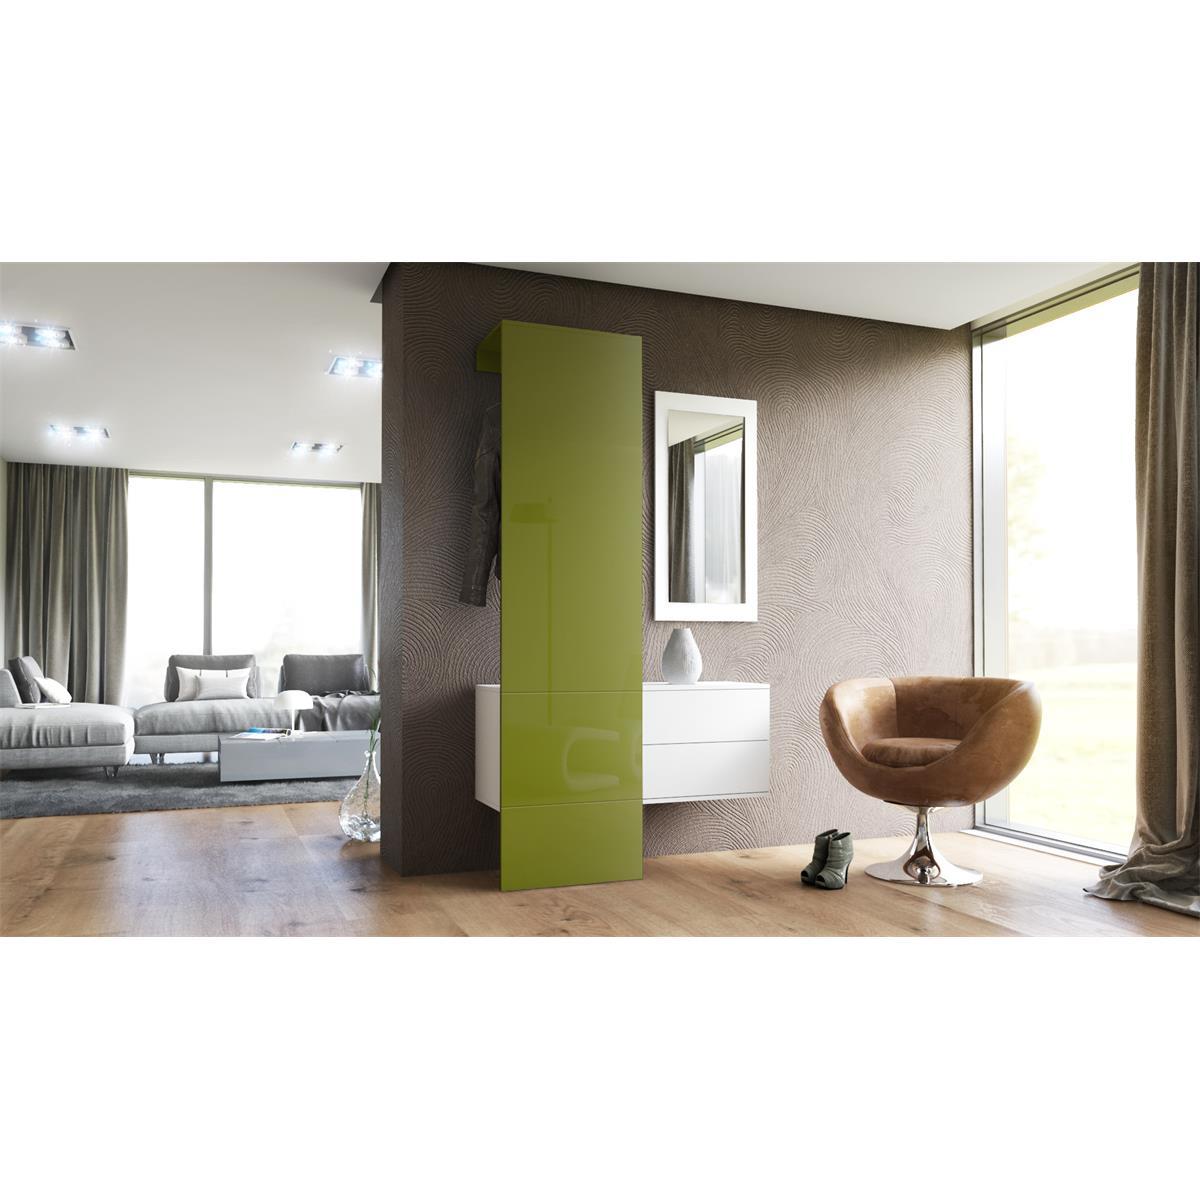 Garderobe carlton set 2 inkl spiegel inkl schubladen for Schrankmodule schlafzimmer